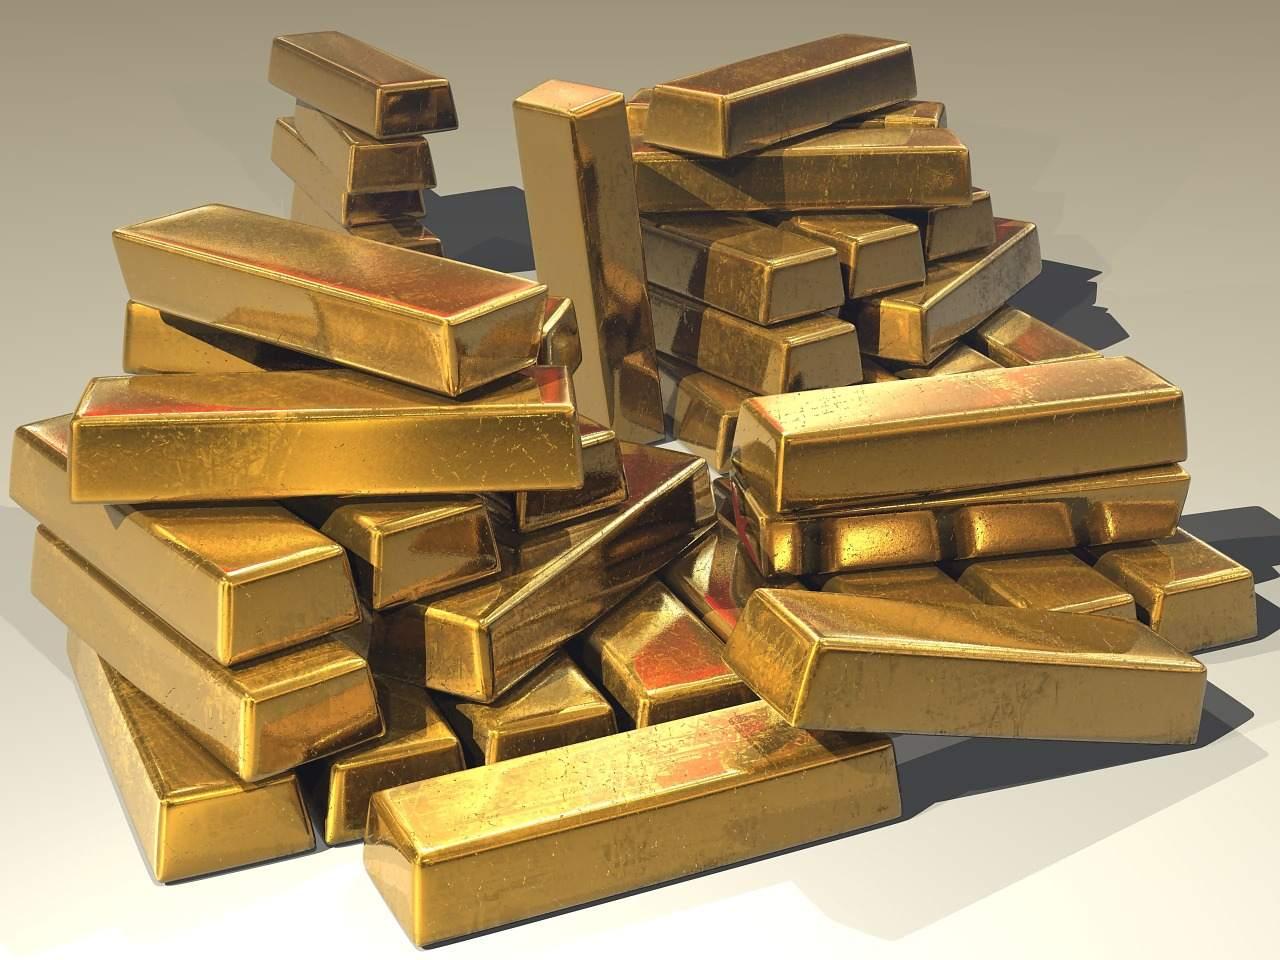 Goldbarren Beispielfoto - Goldpreis fällt